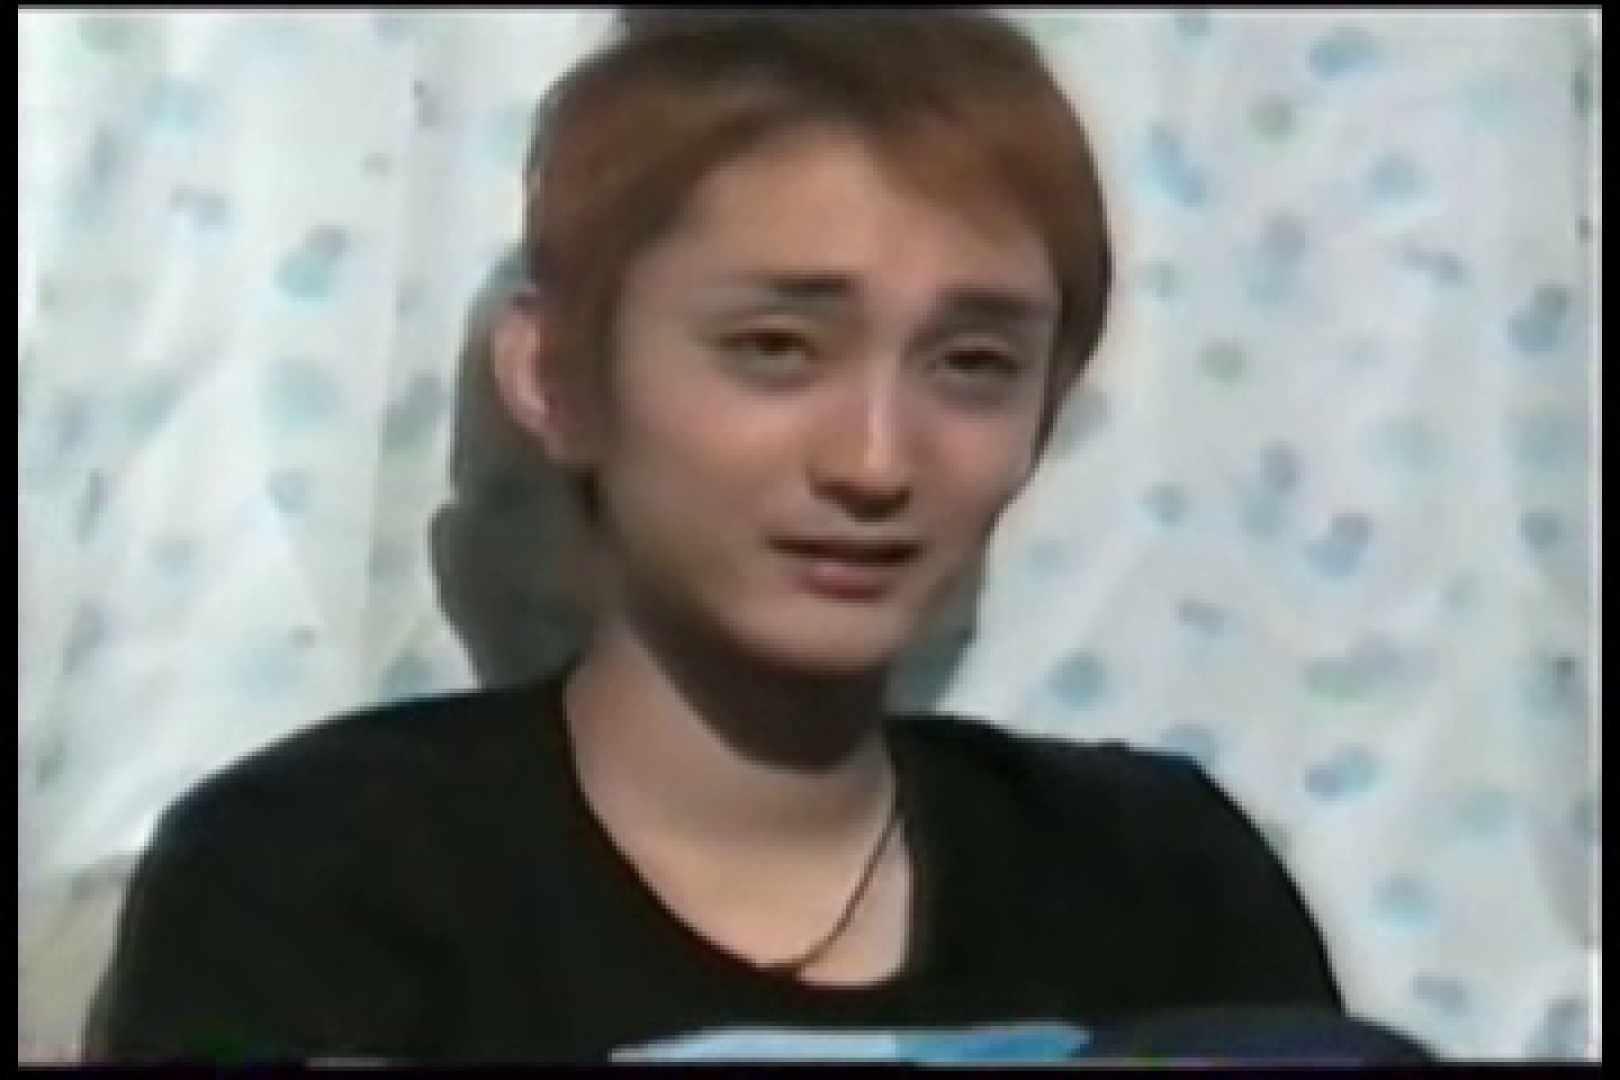 【流出】アイドルを目指したジャニ系イケメンの過去 メンズ流出映像 ペニス画像 70画像 26